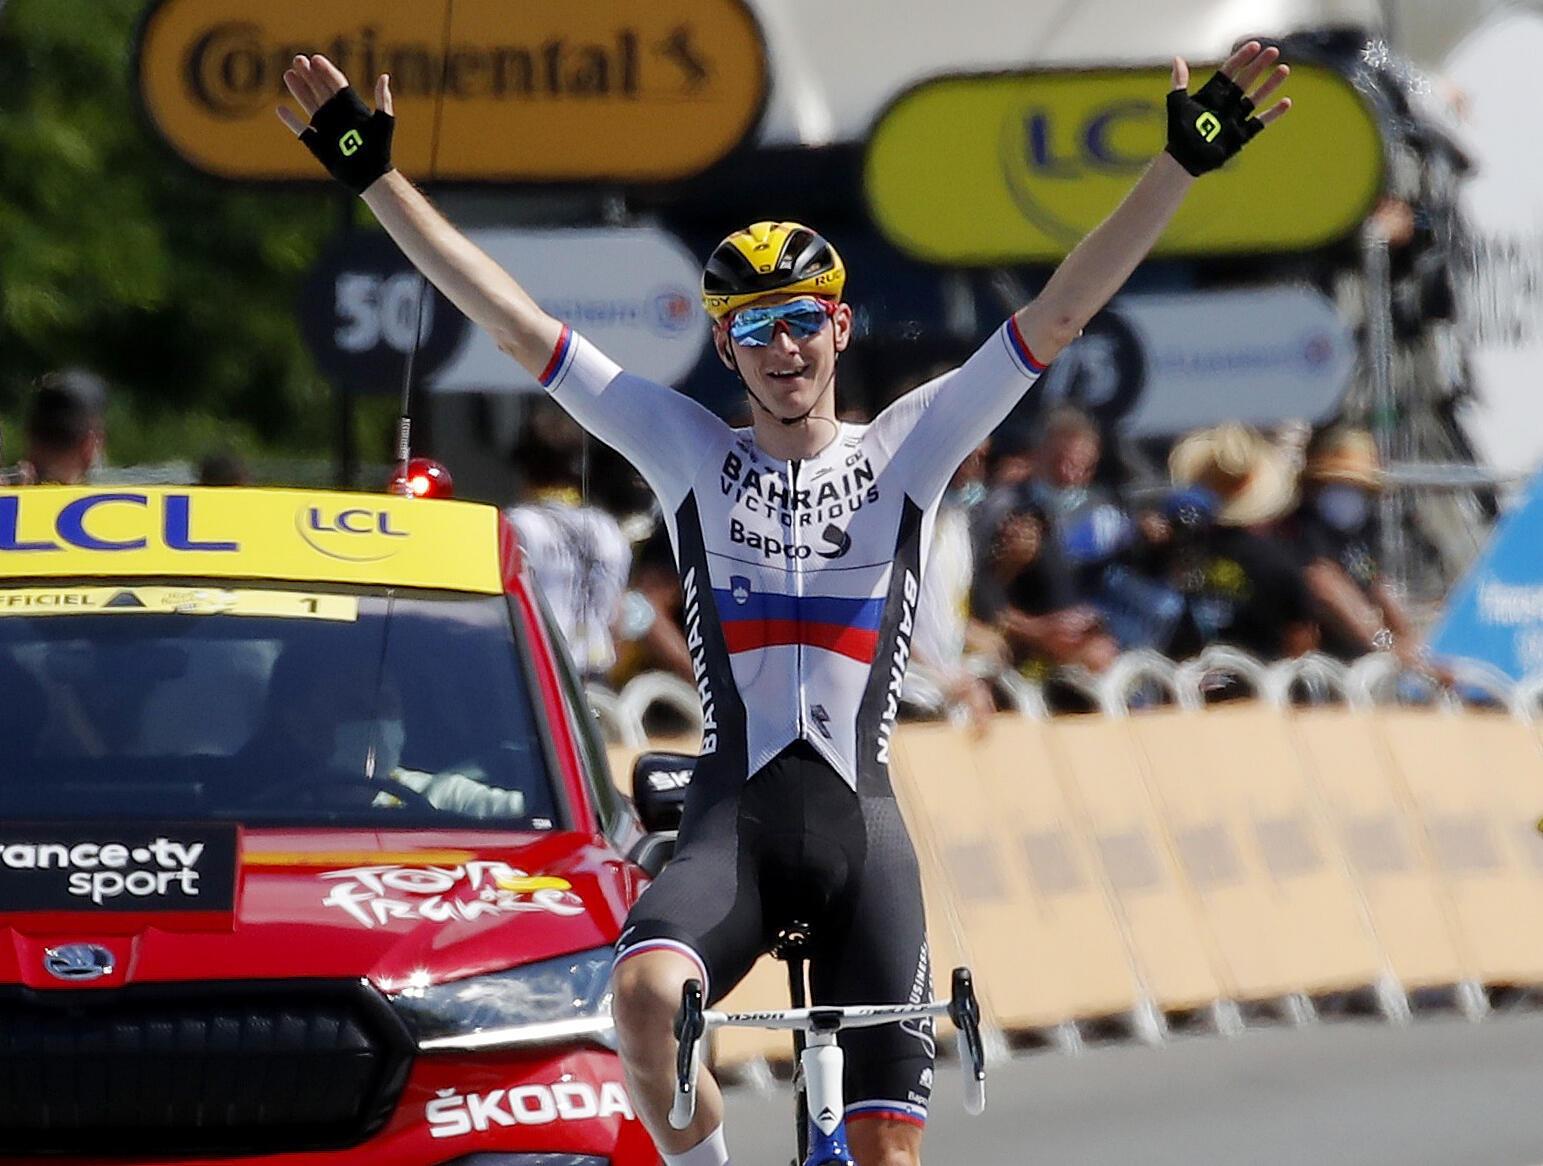 Матей Мохорич - первый на финише 19-го этап «Тур де Франс» Муранкс – Либурн 16 июля 2021.